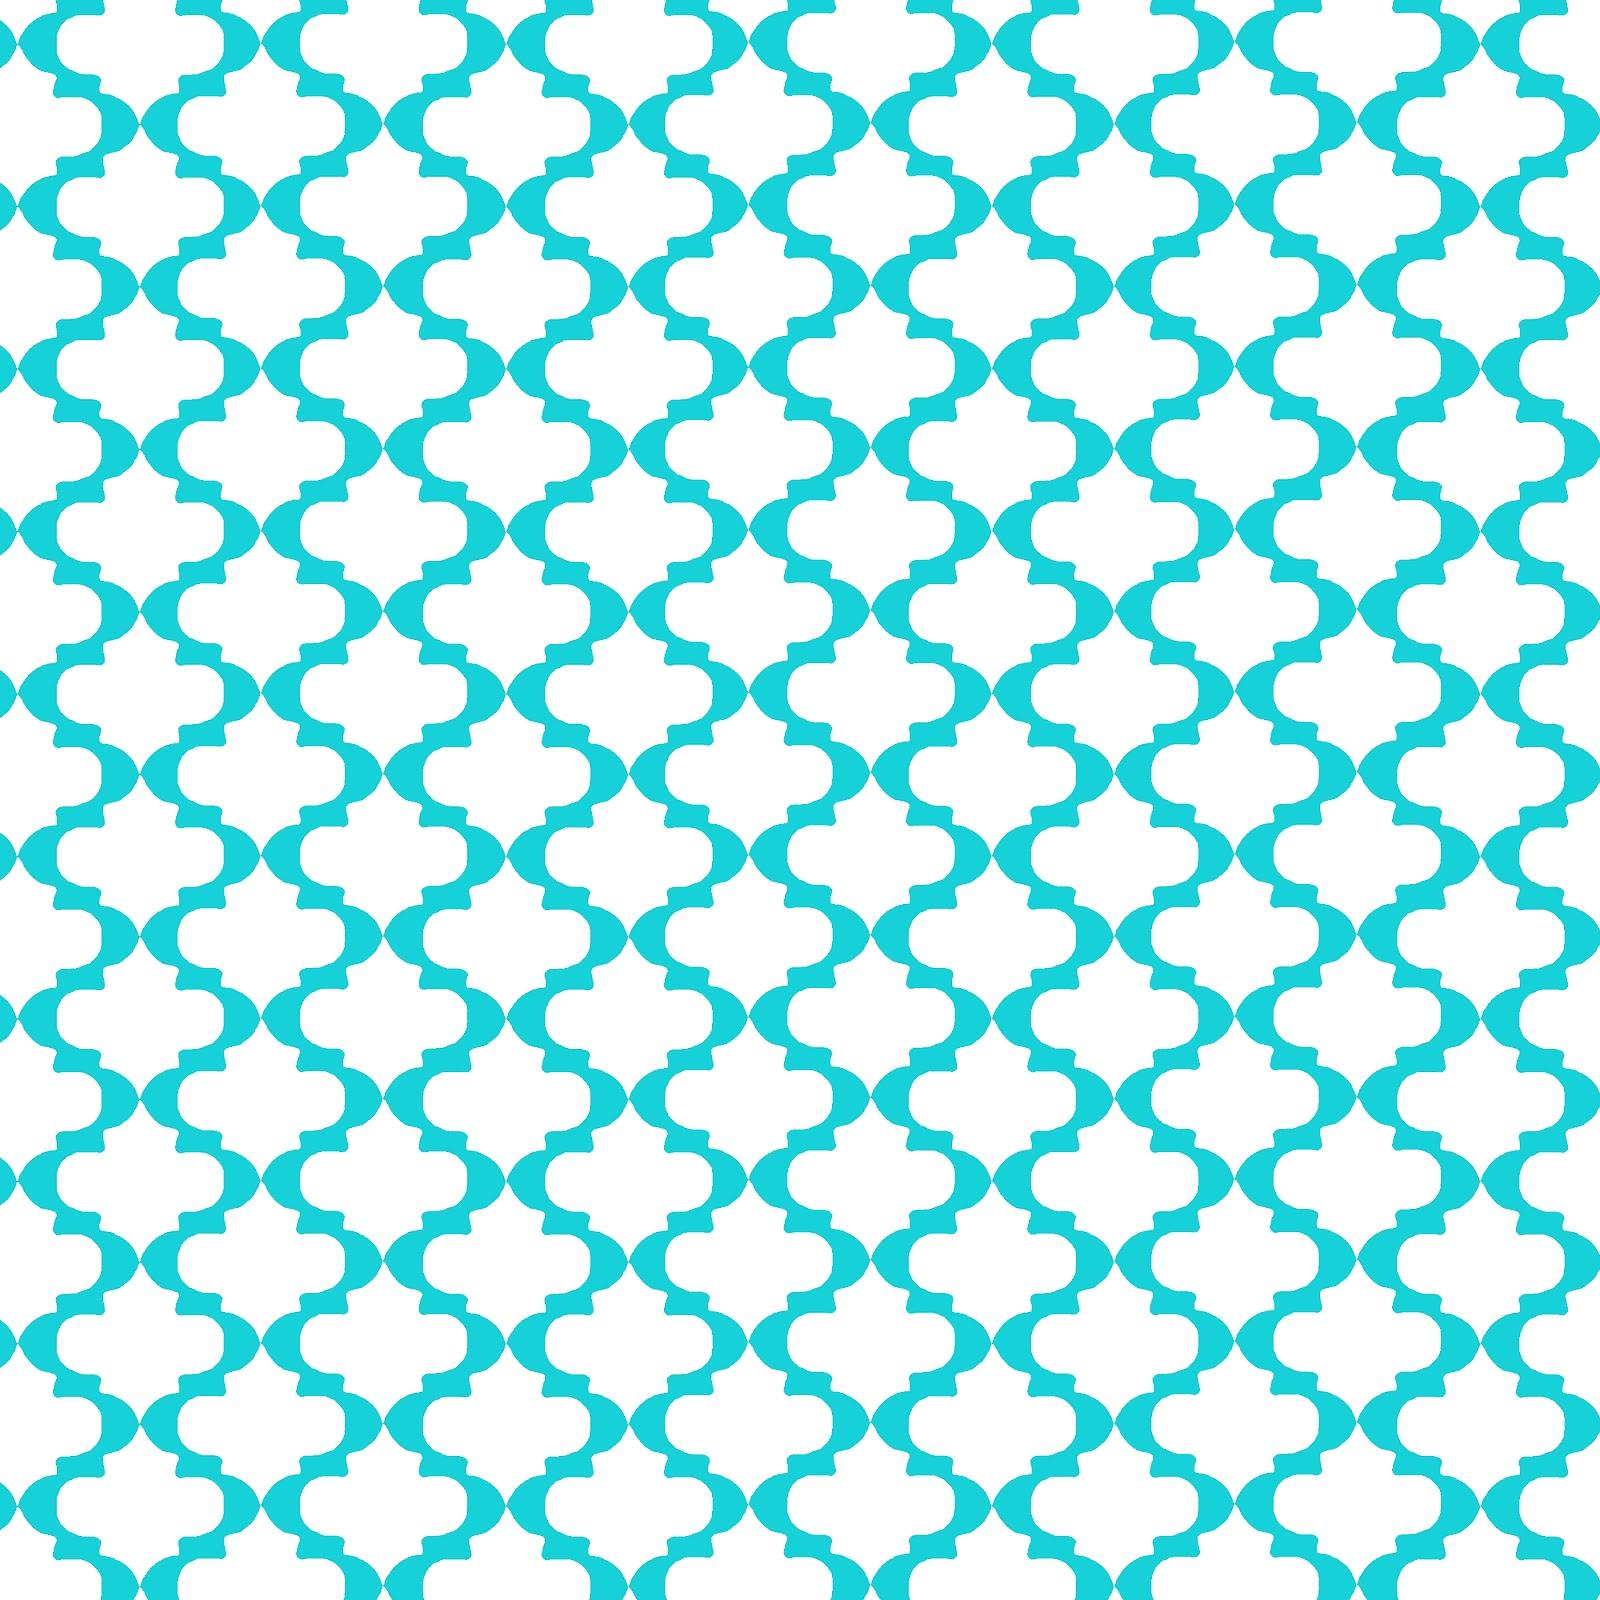 Doodlecraft: More Free Printable Patterns! - Free Printable Moroccan Pattern